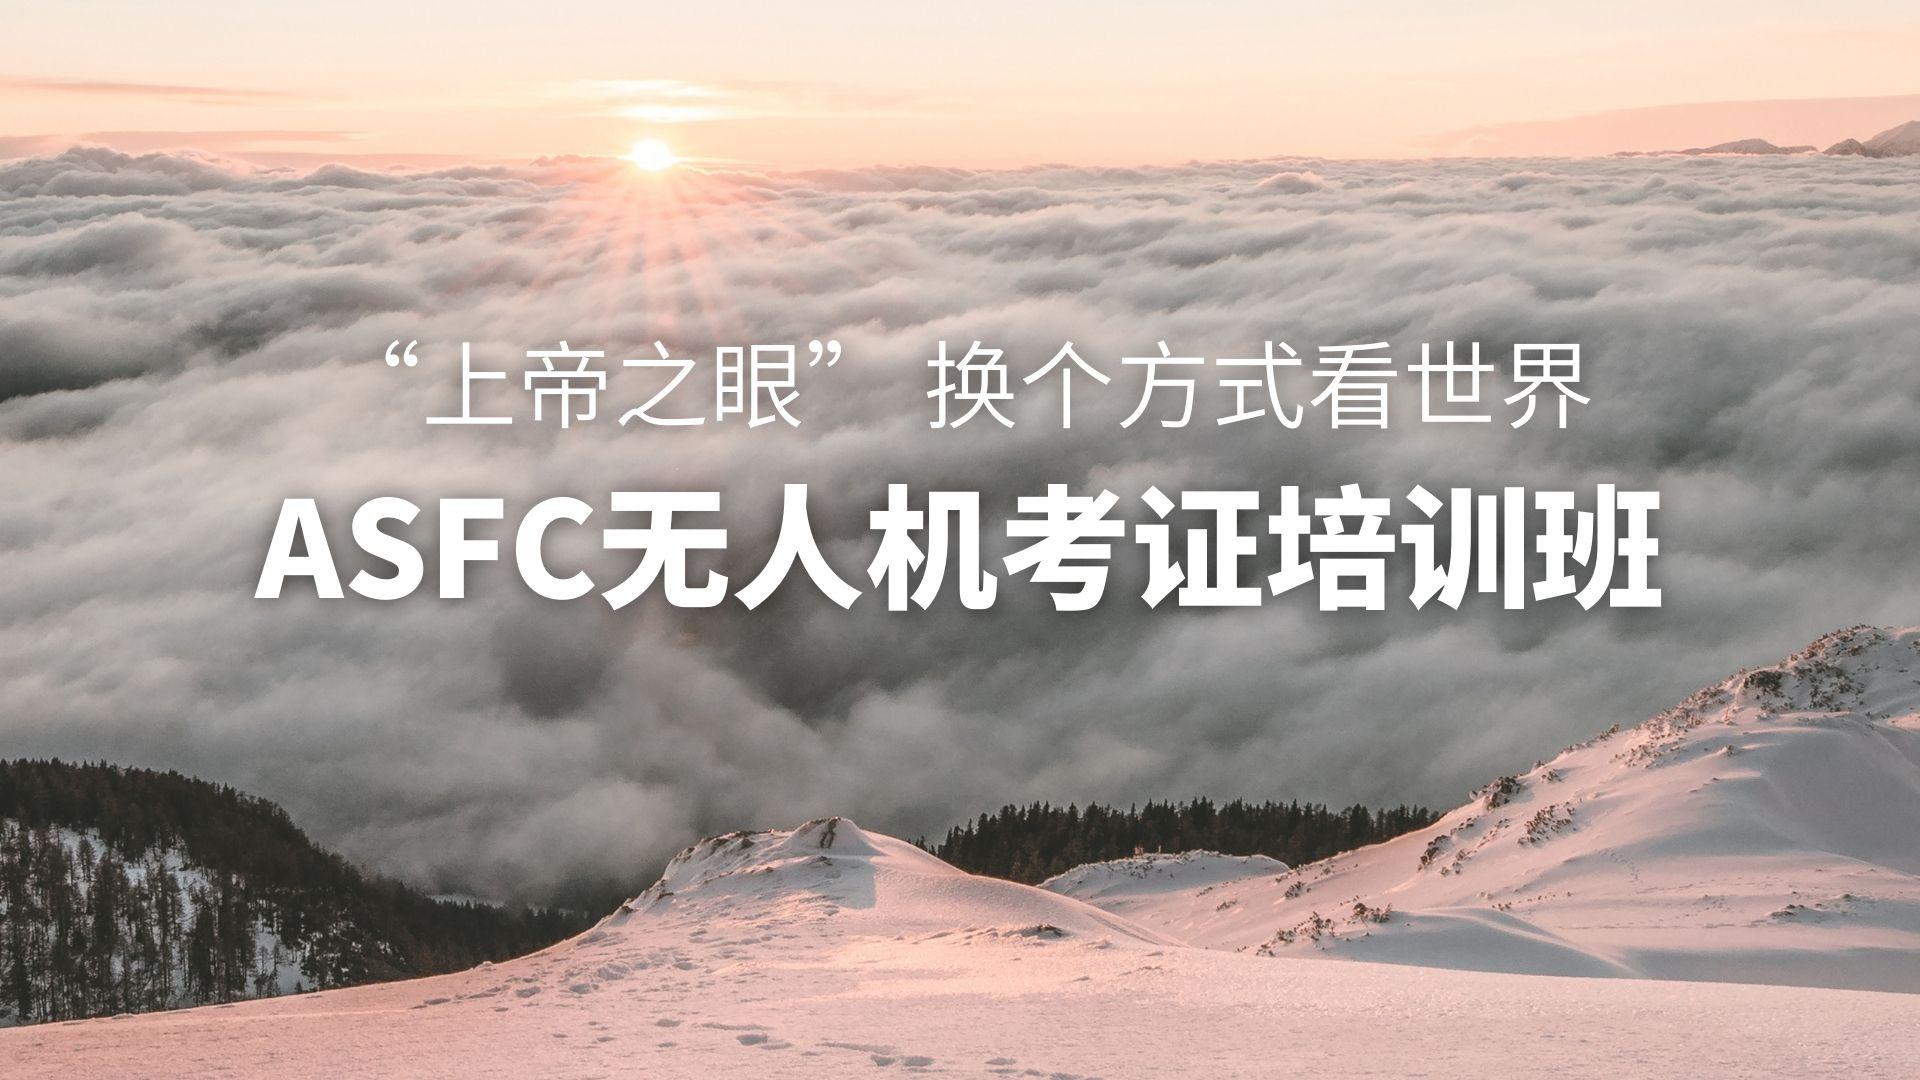 ASFC无人机考证培训班